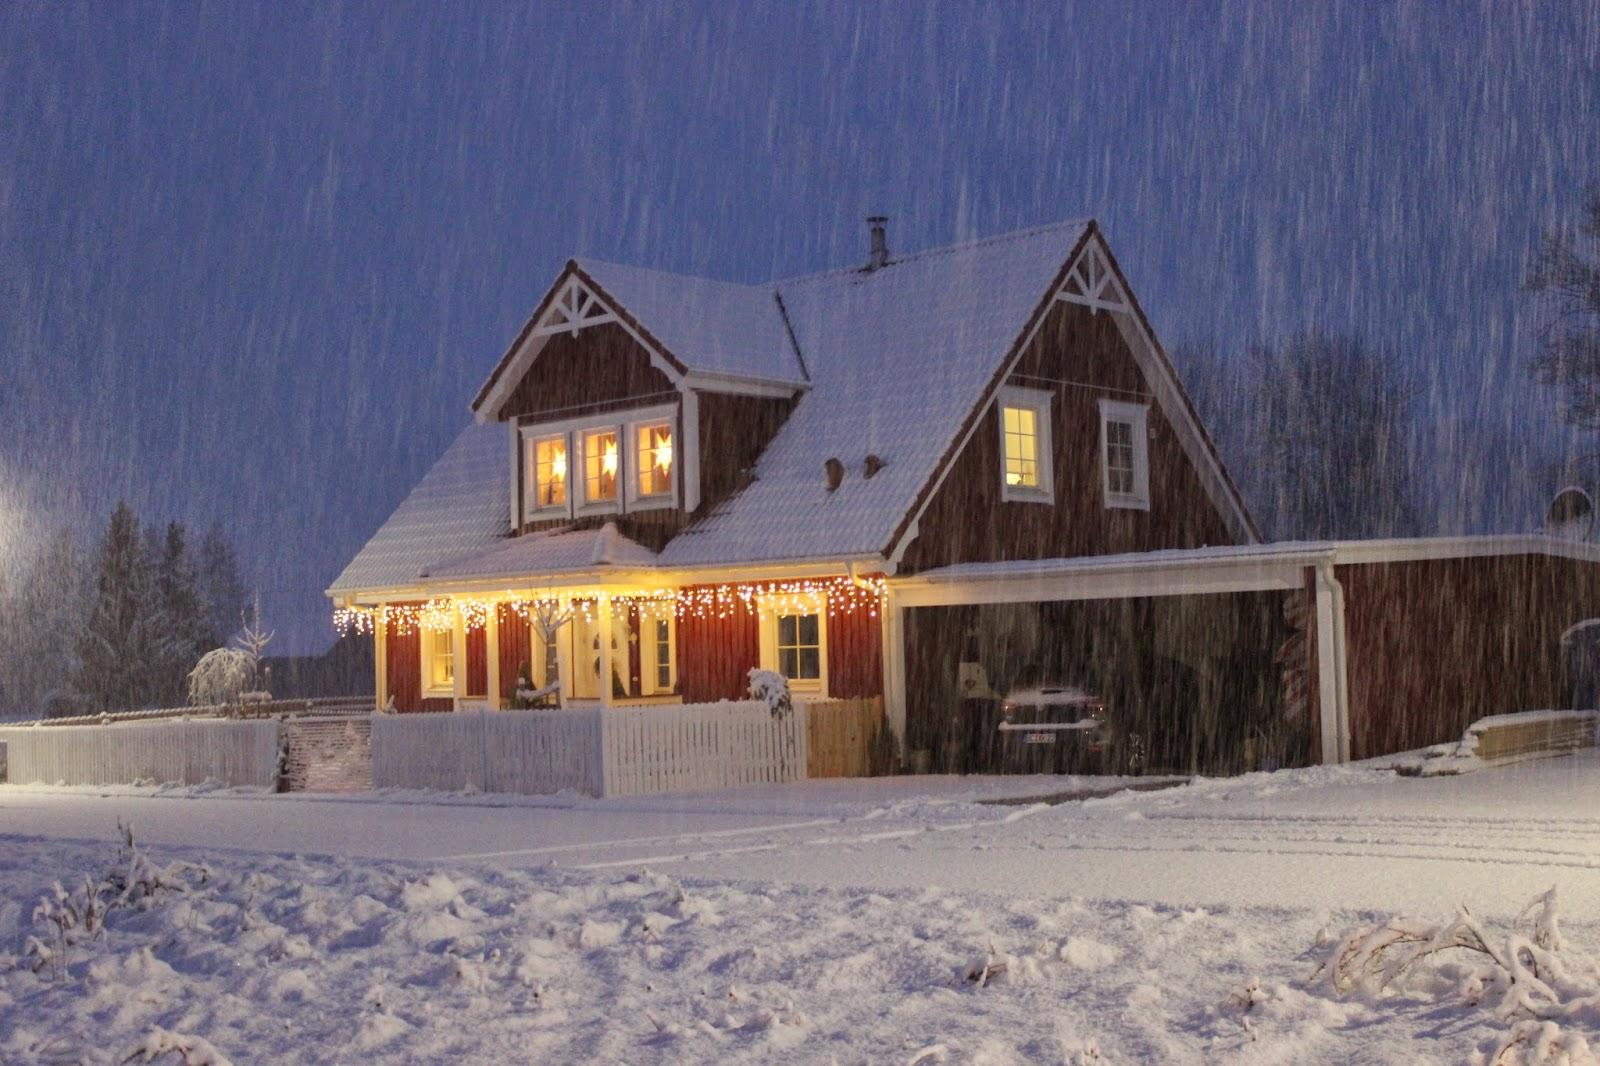 kleine lotta unser schwedenhaus schnee. Black Bedroom Furniture Sets. Home Design Ideas